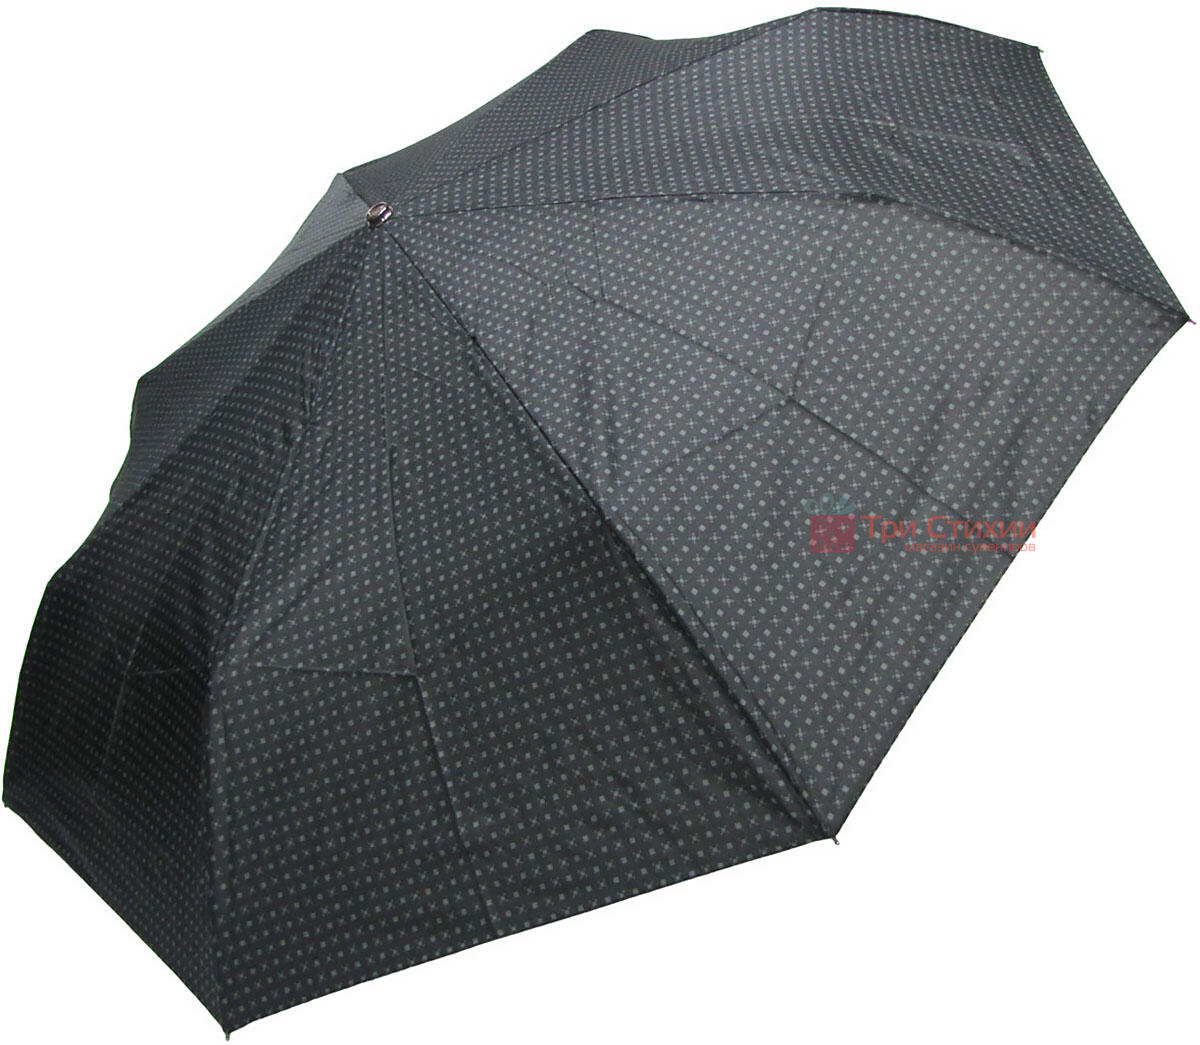 Зонт складной Doppler XM 74367N-3 полный автомат Квадрат, фото 2